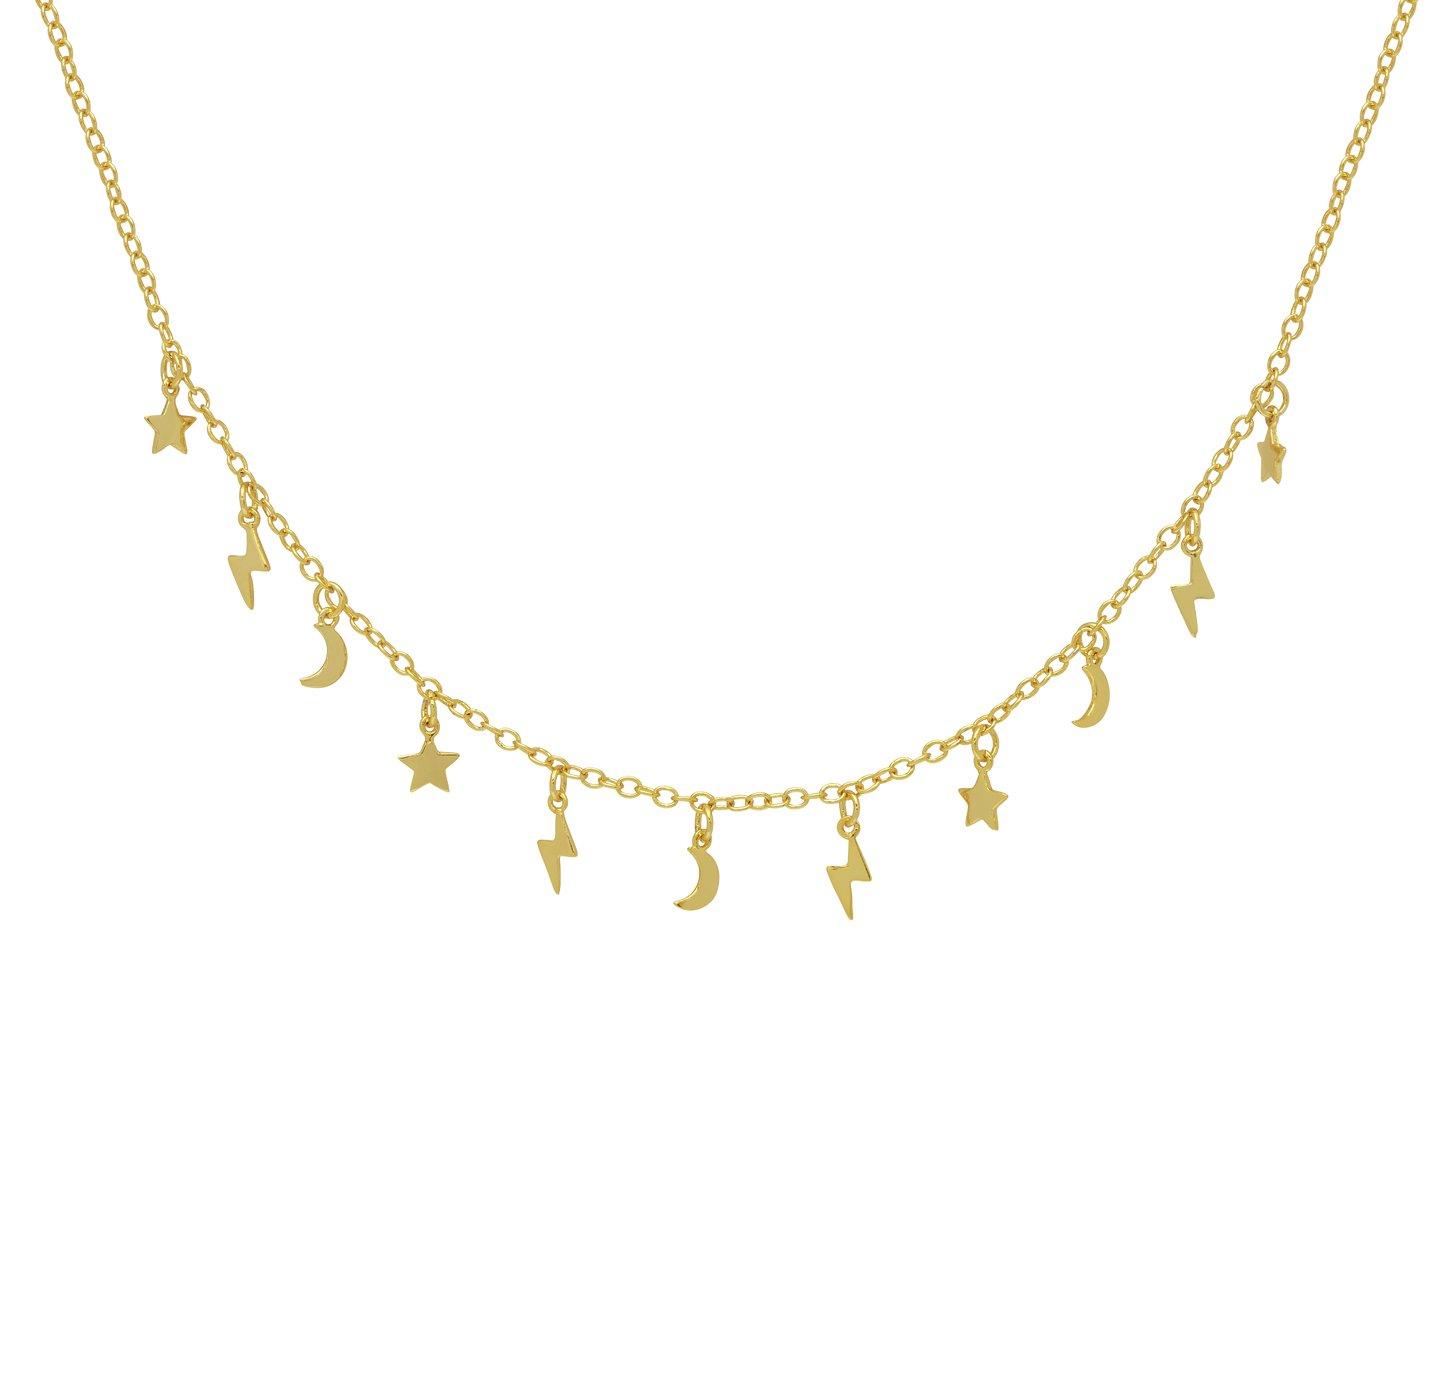 Amelia Grace Multi Drop Stellar Pendant Necklace